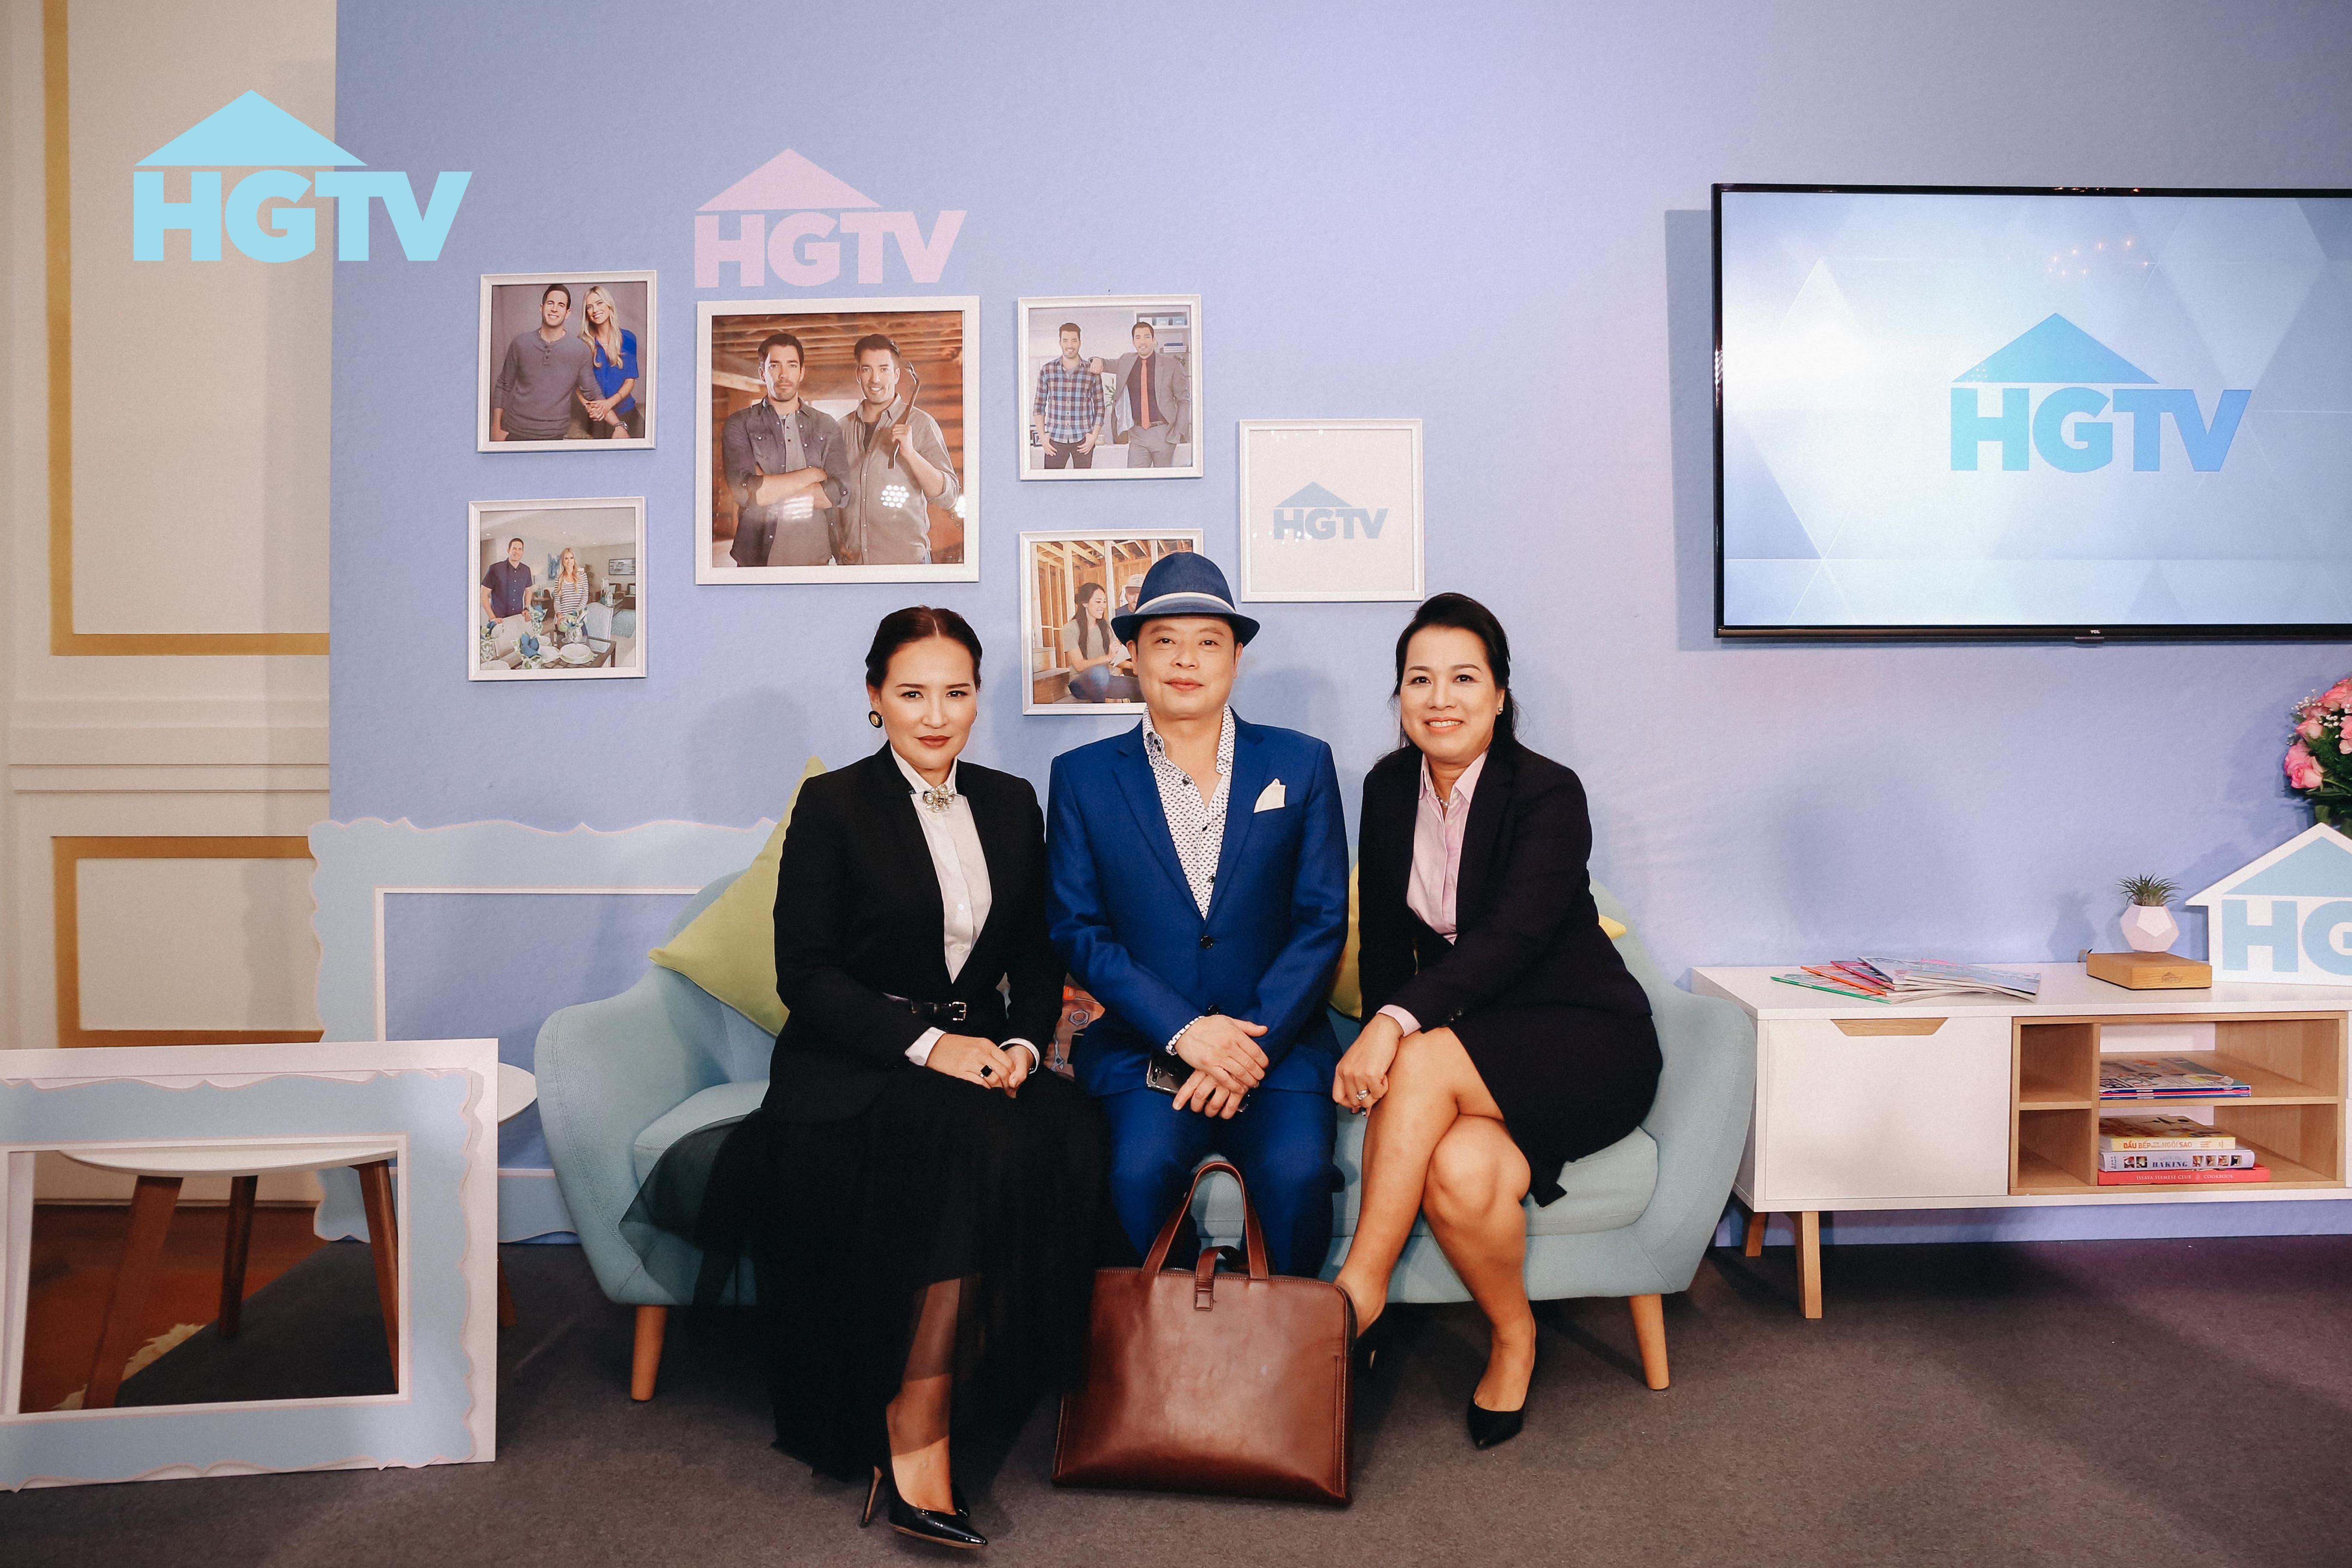 """Discovery Networks """"bắt tay"""" công ty giải trí Thảo Lê ra mắt kênh truyền hình HGTV 3"""